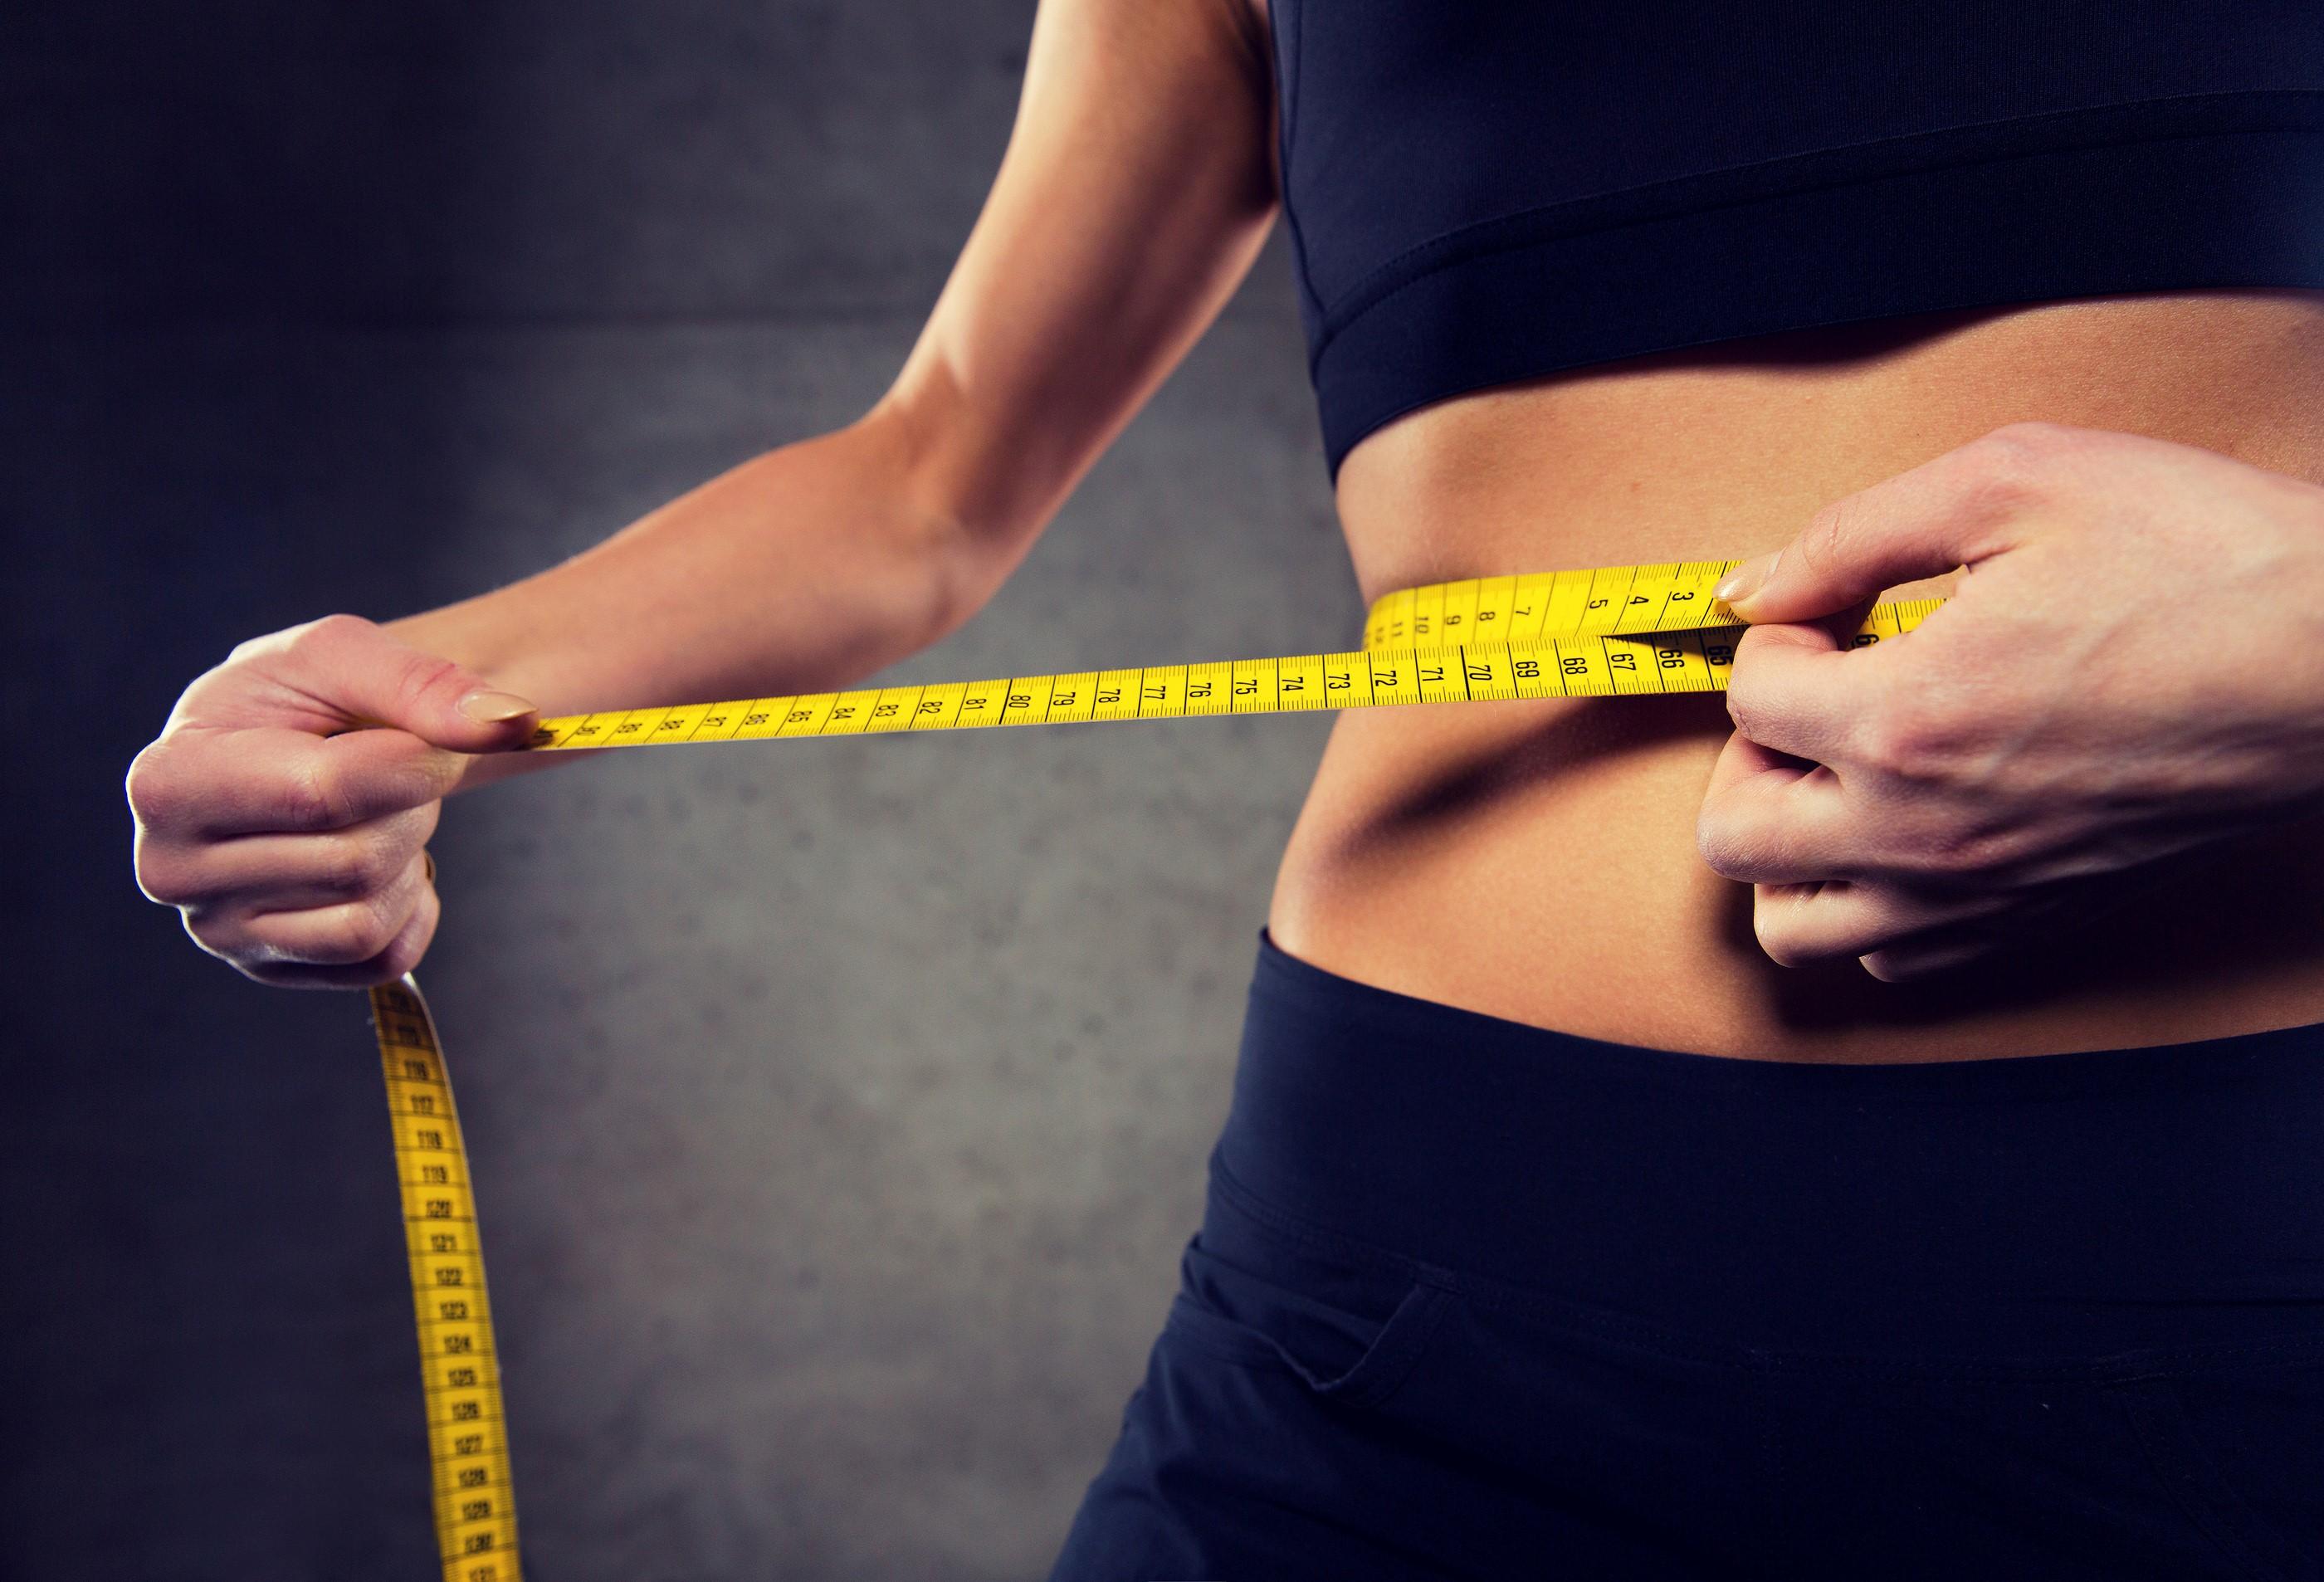 對抗新陳代謝下降!試試減肥餐+運動一週快速減肥